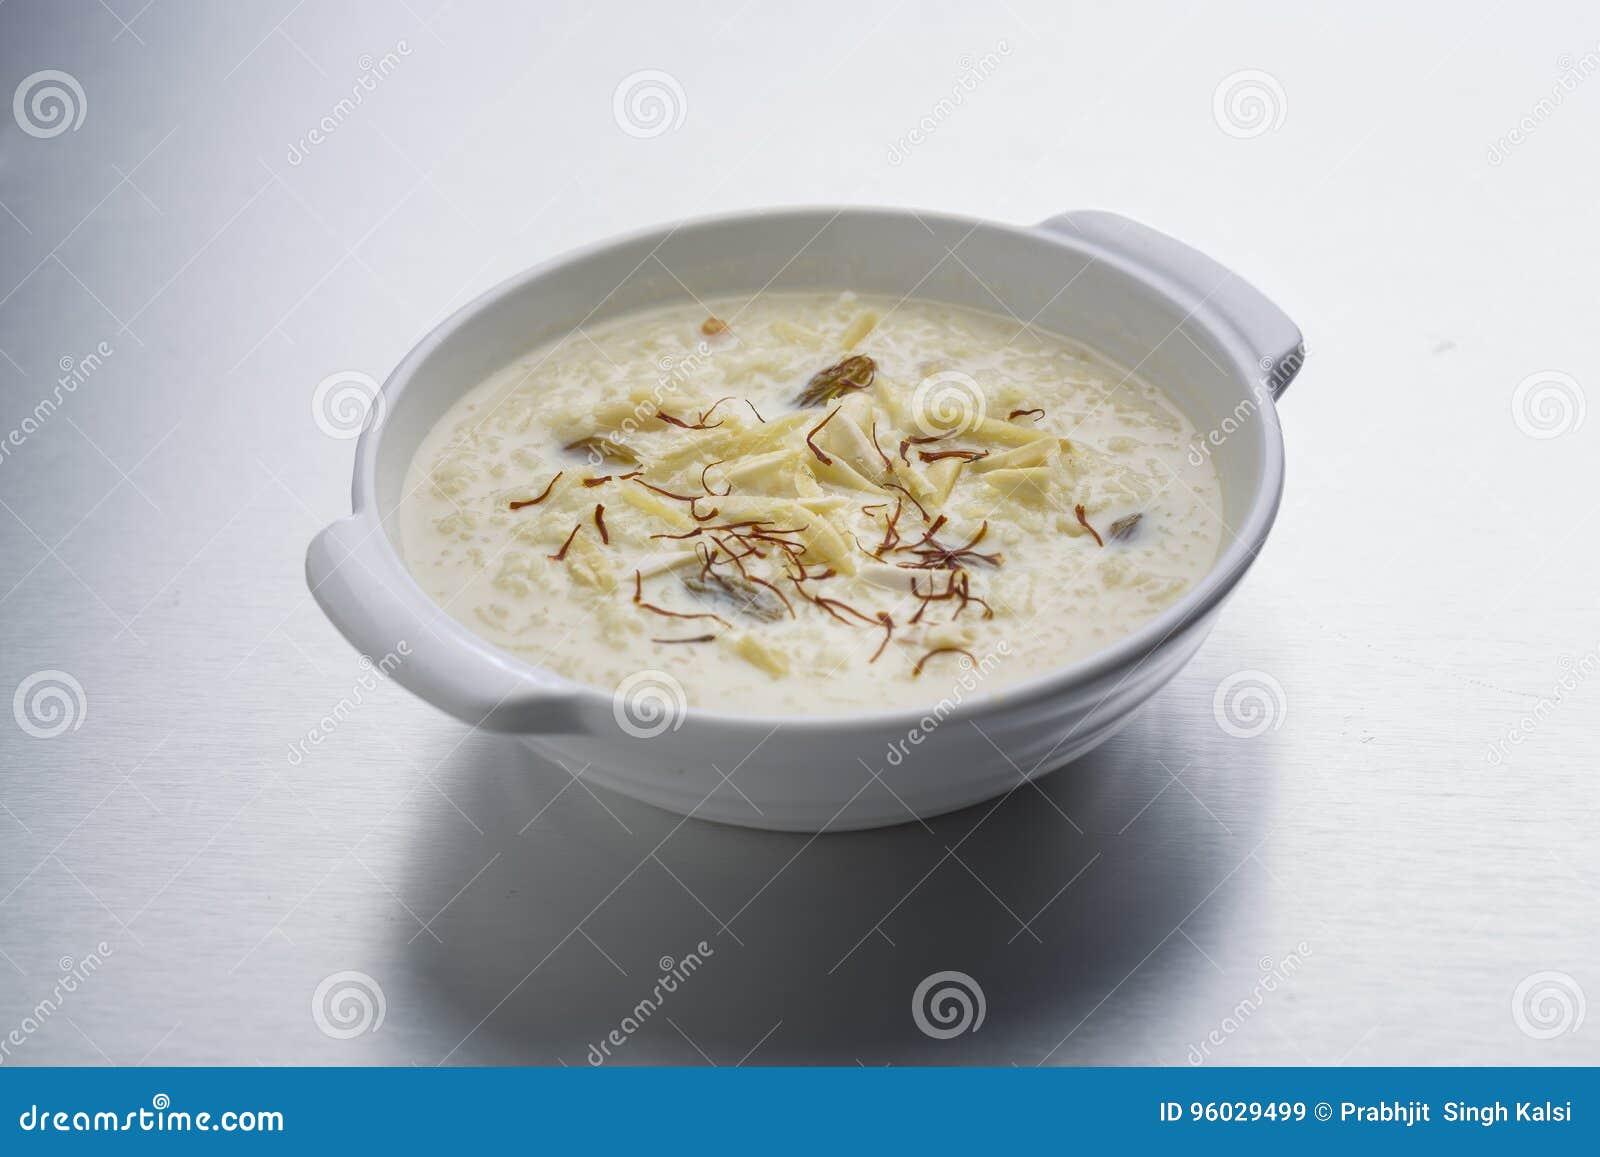 Kheer, ryżowy pudding lub deser